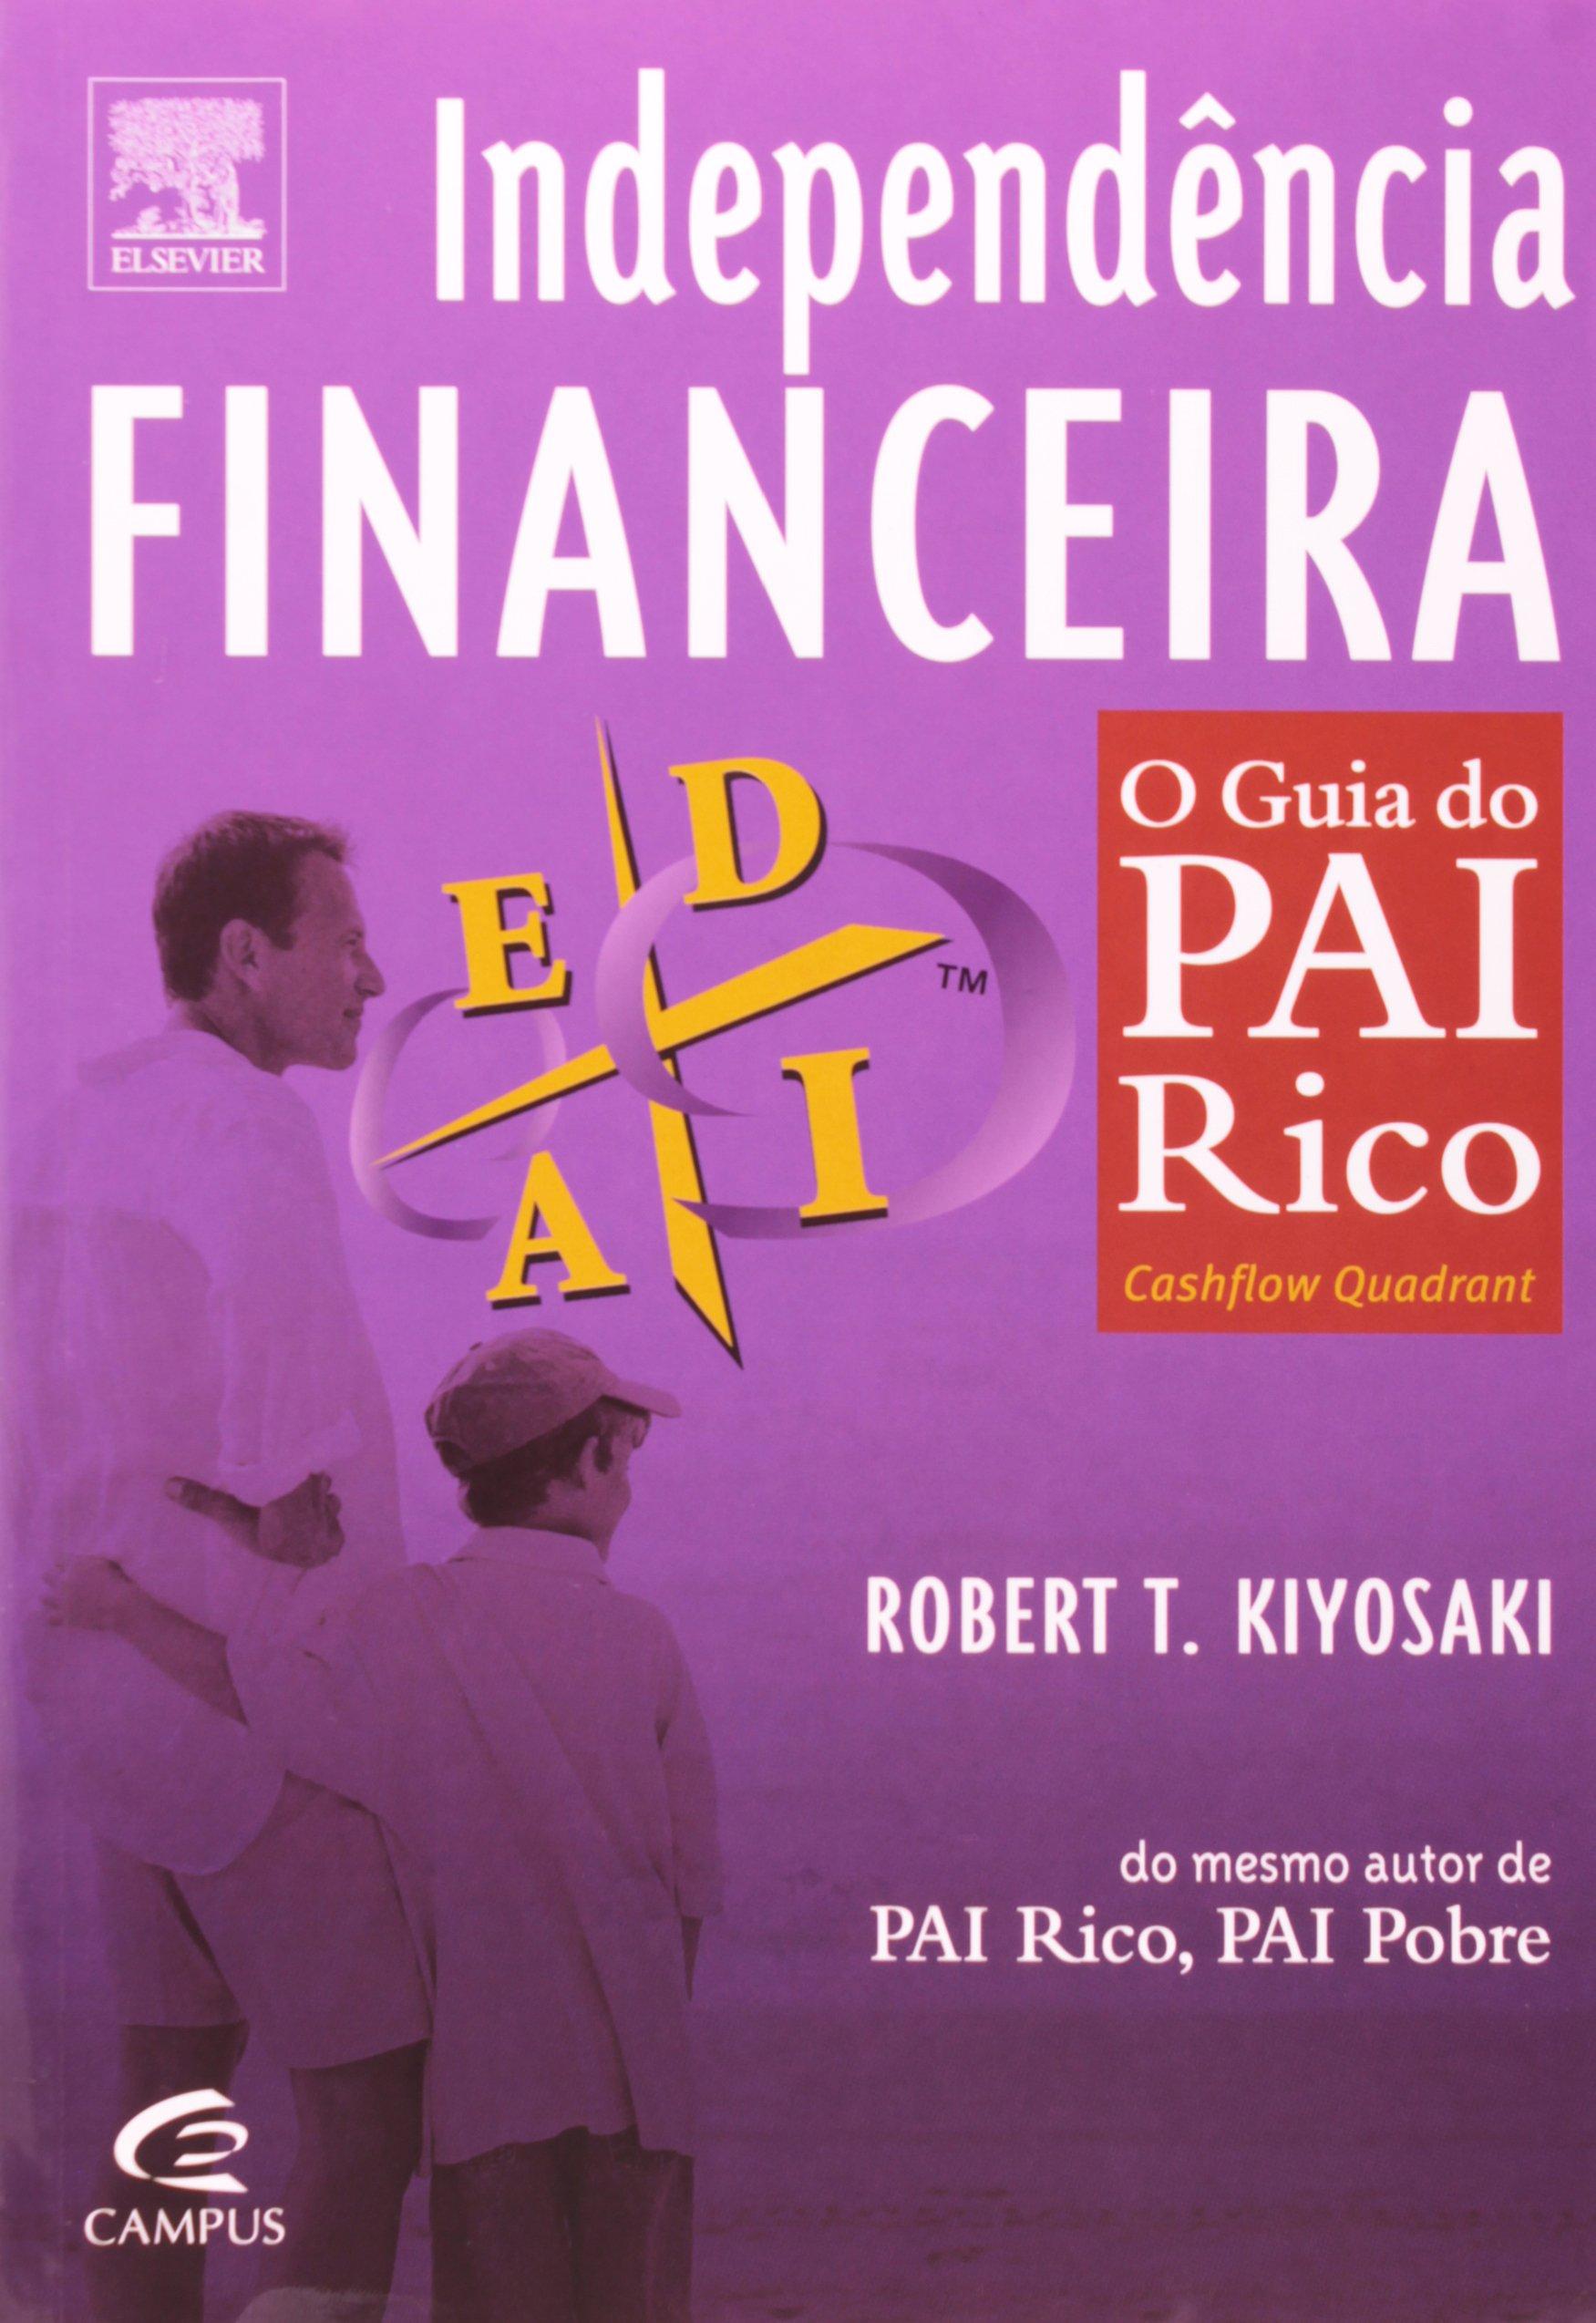 PAI RICO PAI POBRE EBOOK DOWNLOAD